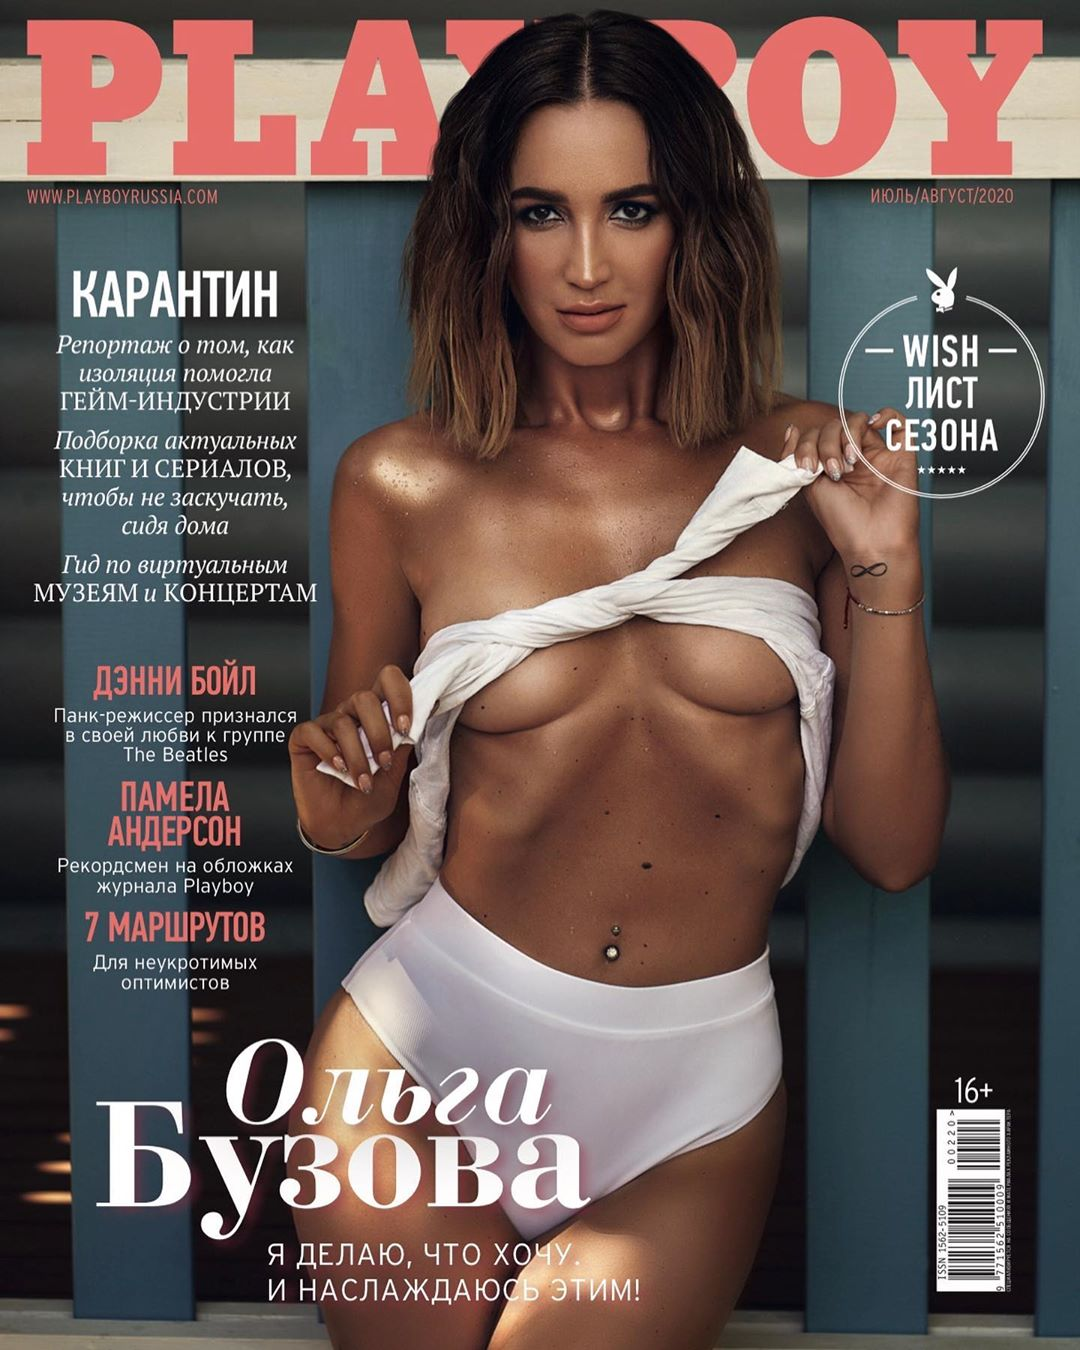 Ольга Бузова появилась на обложке журнала Playboy 2020 года